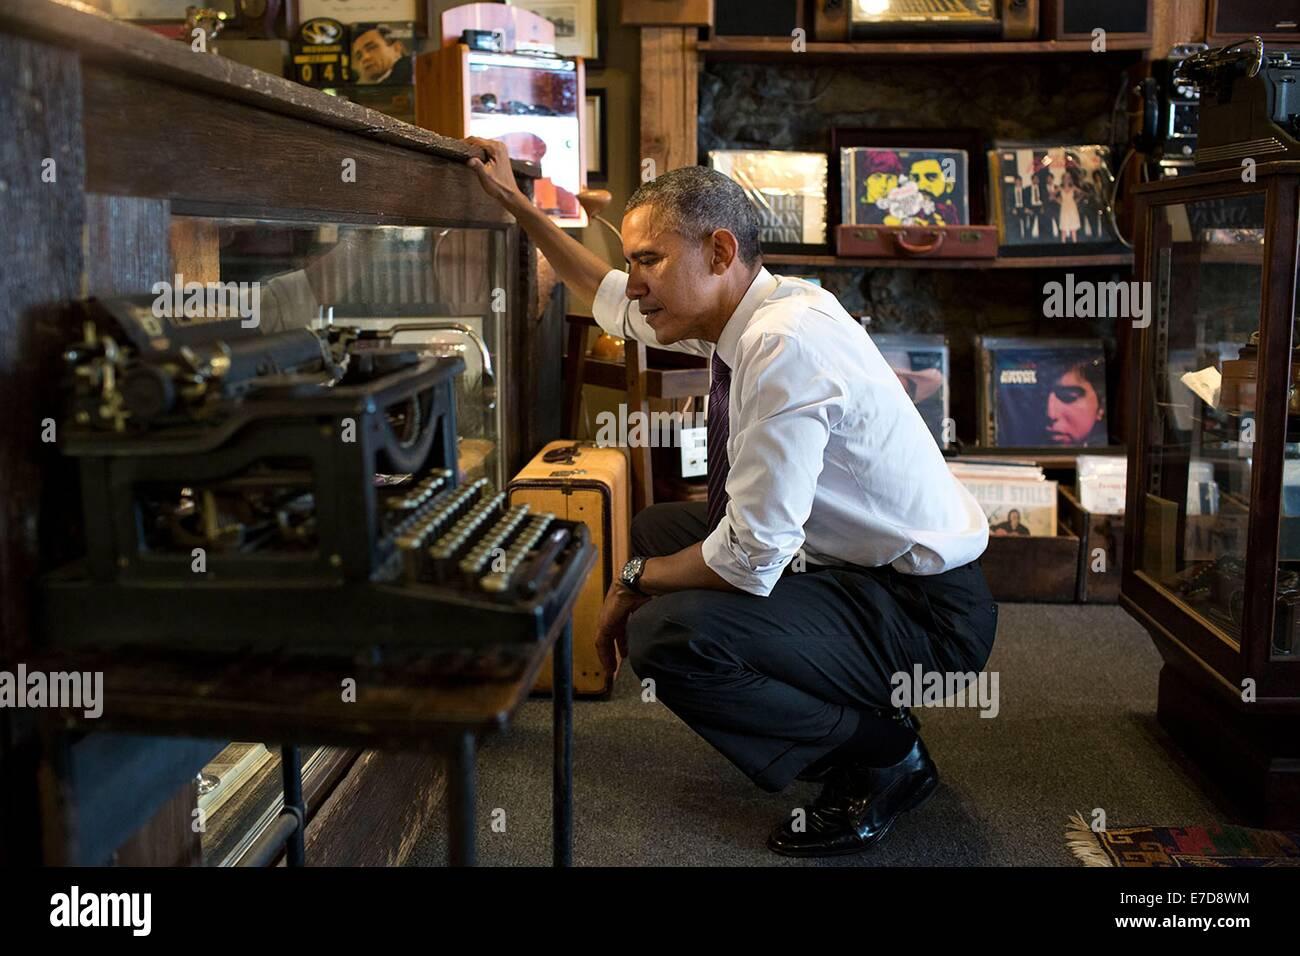 US-Präsident Barack Obama über Ware in einer Vitrine im coolen Vintage-Uhren auf der Hauptstraße Stockbild